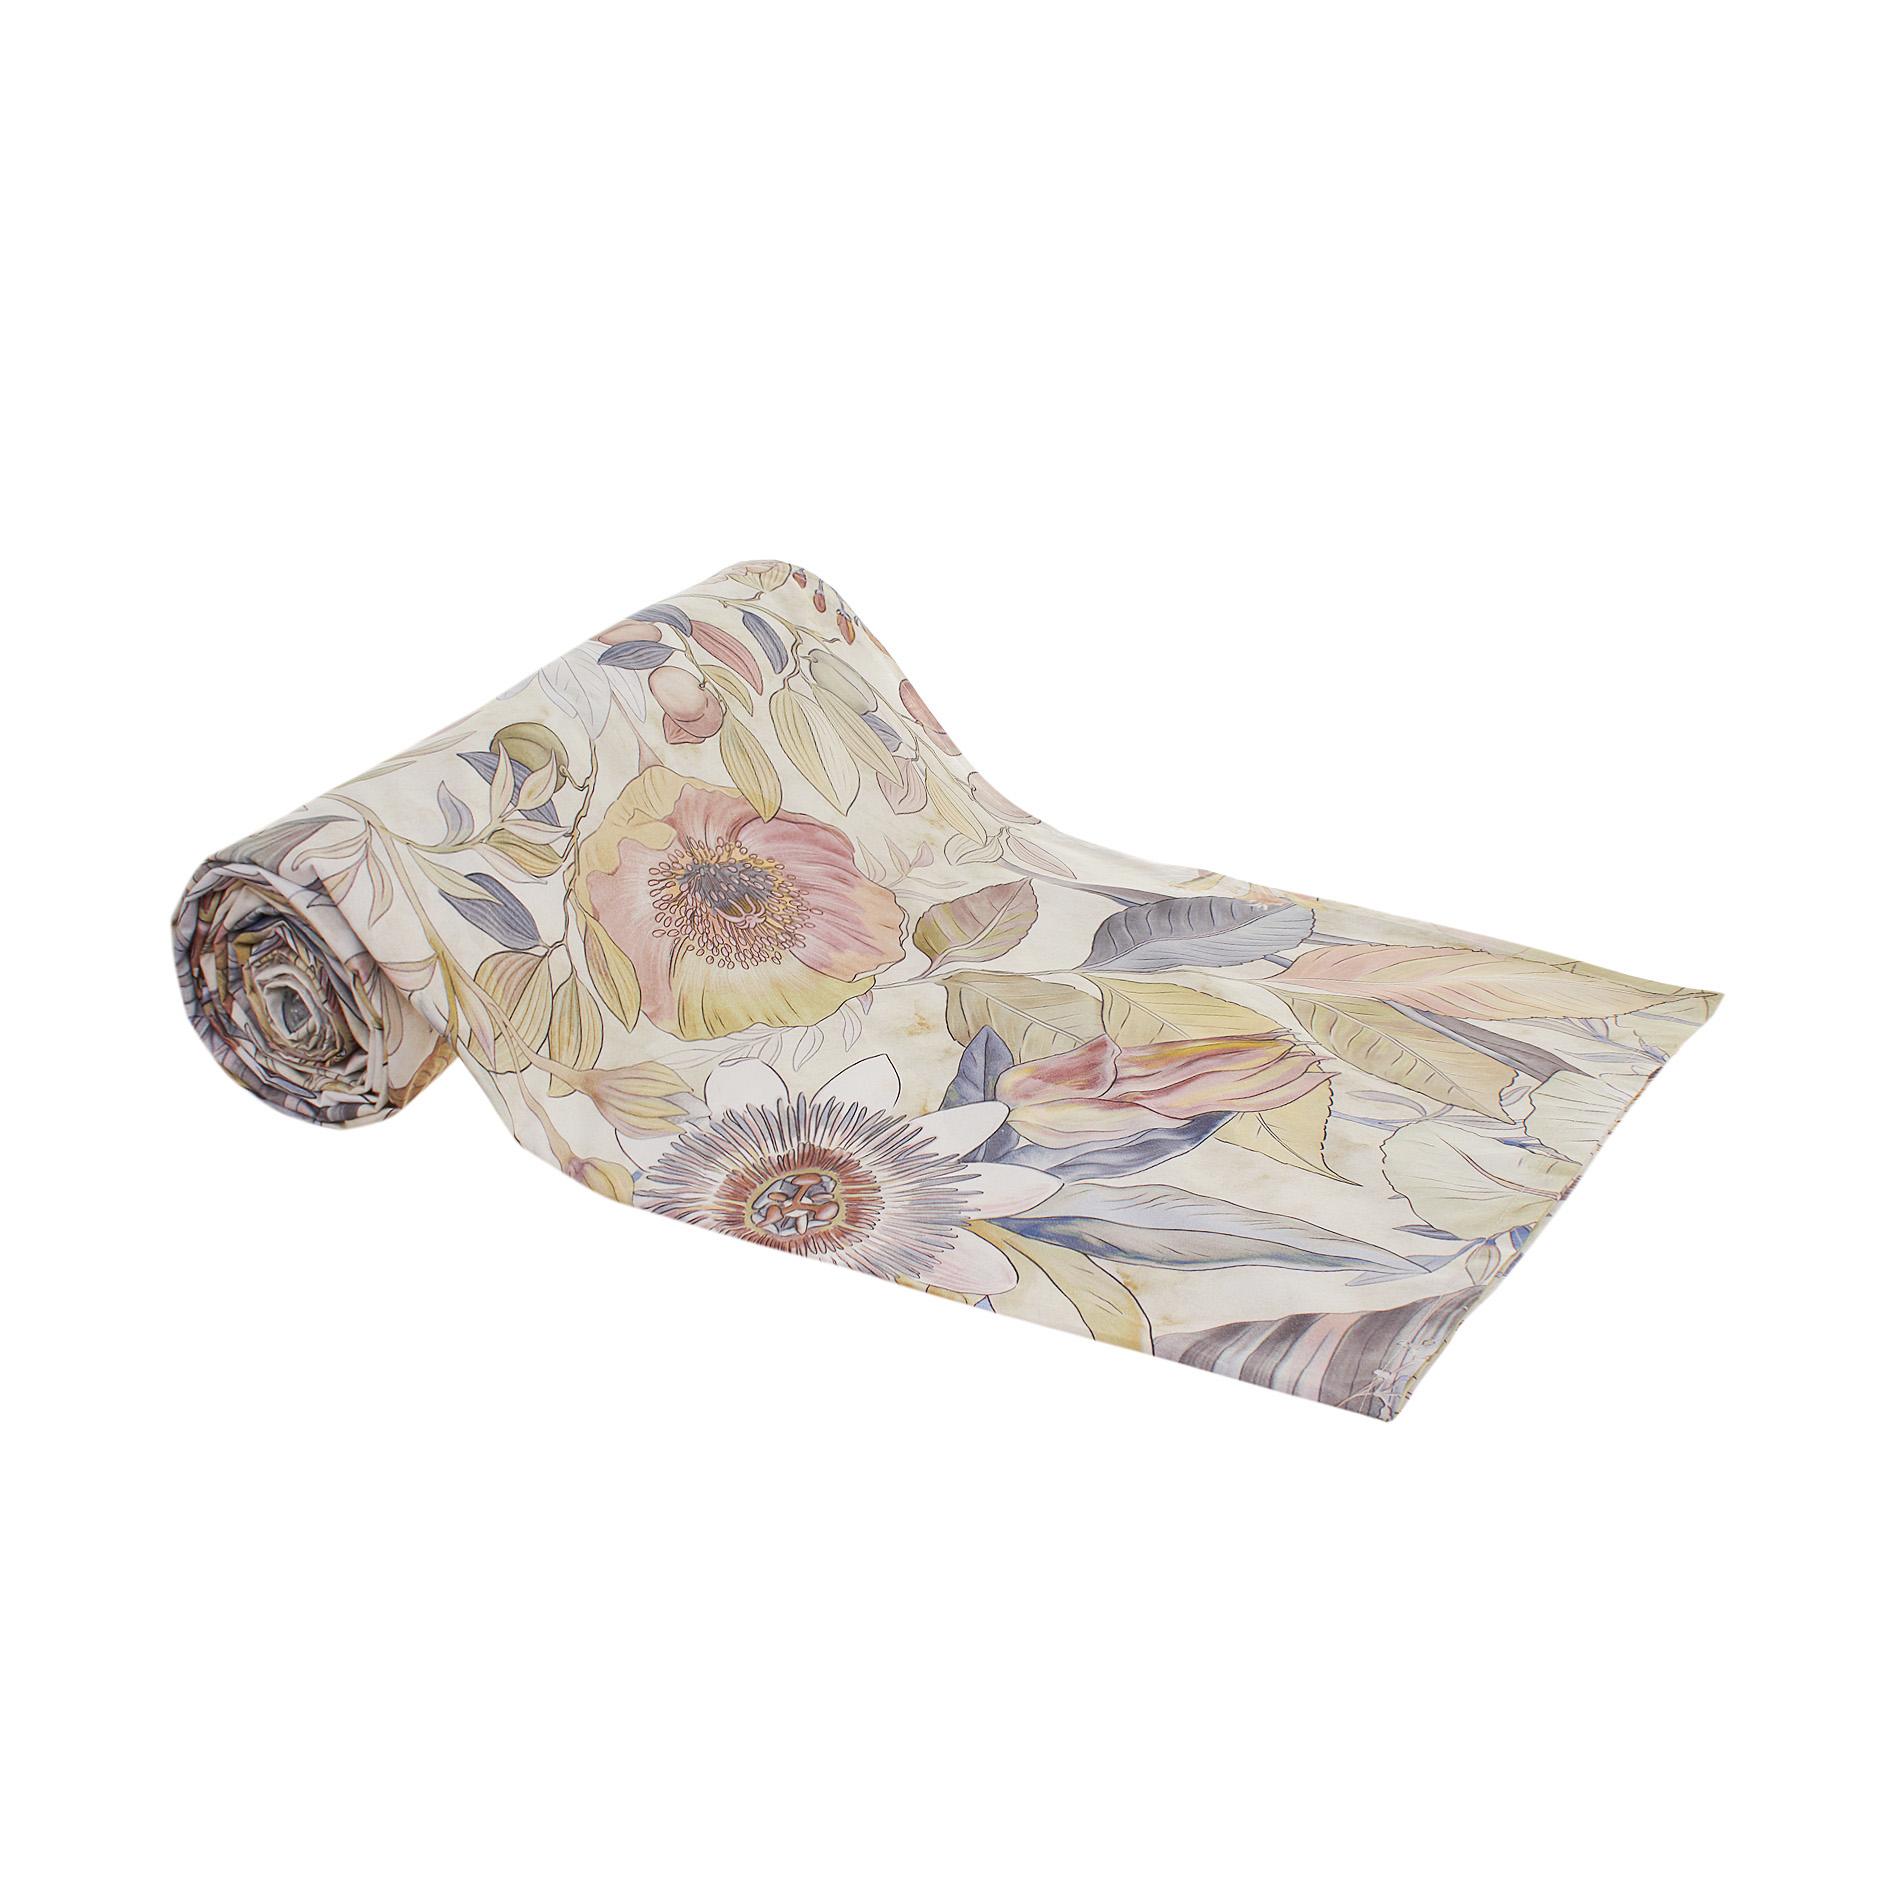 Telo arredo in cotone stampa fiori grandi coincasa - Saldi coin casa ...